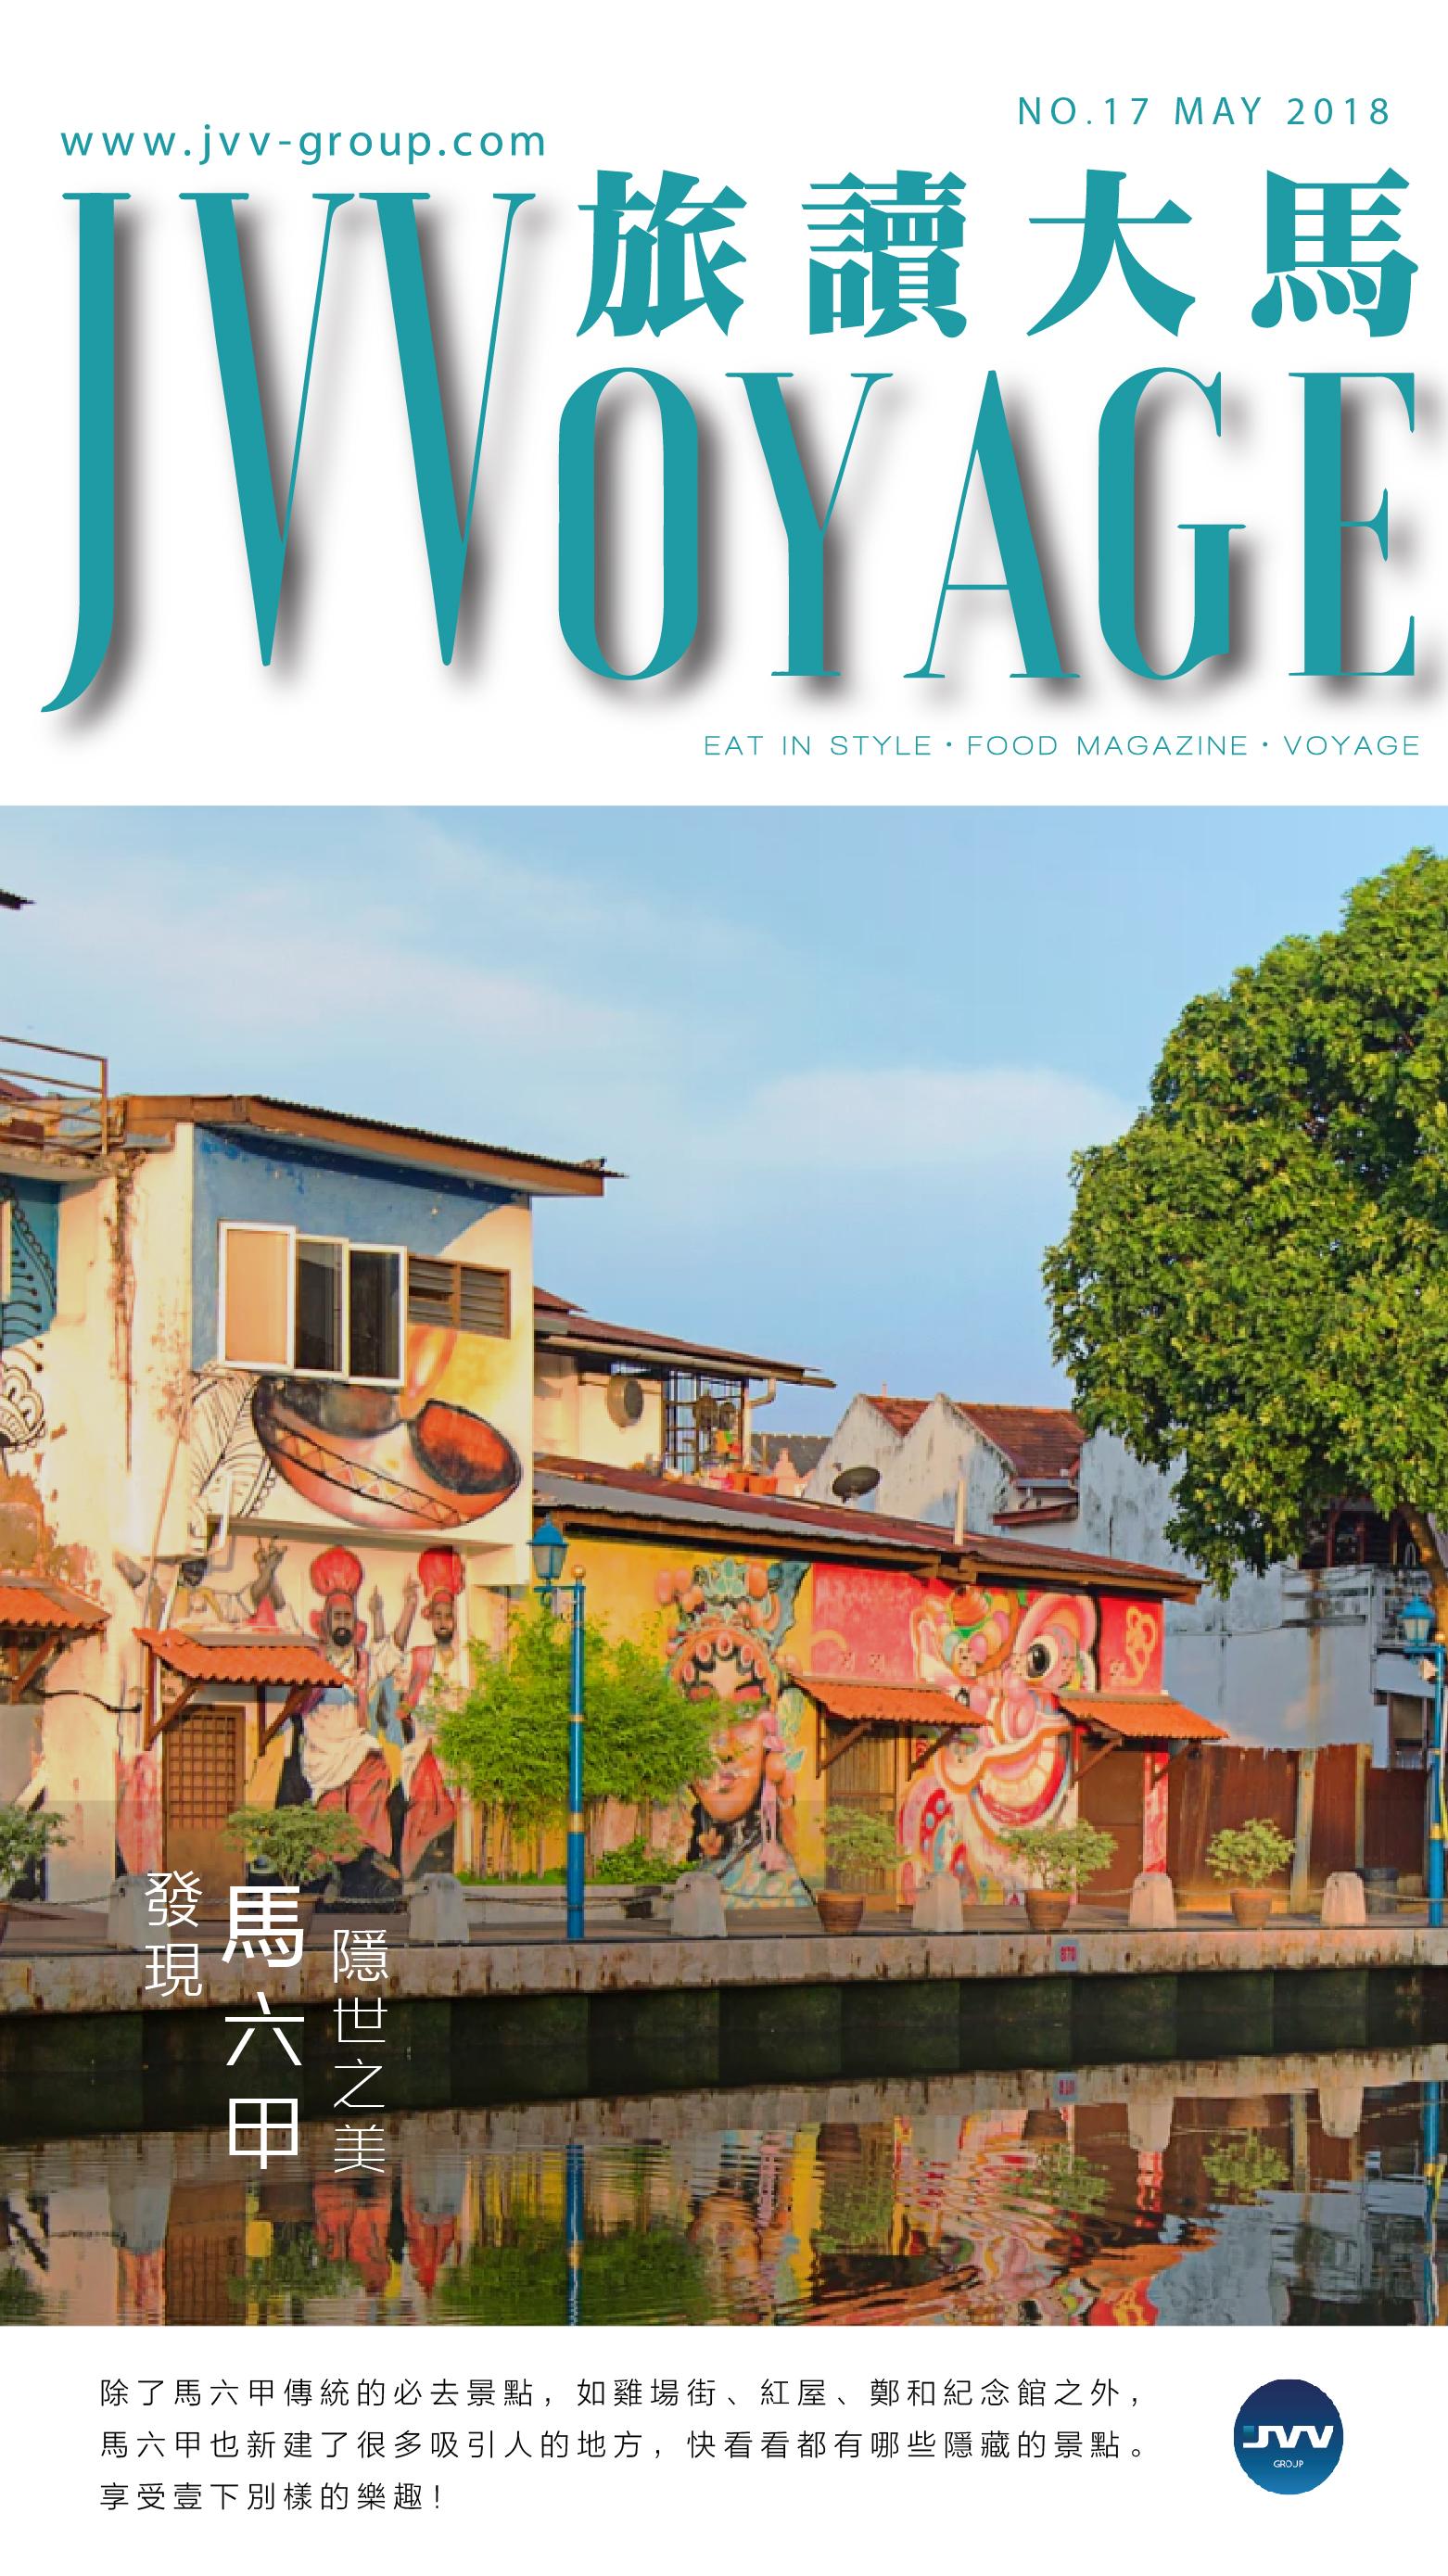 JVVoyage-17-01